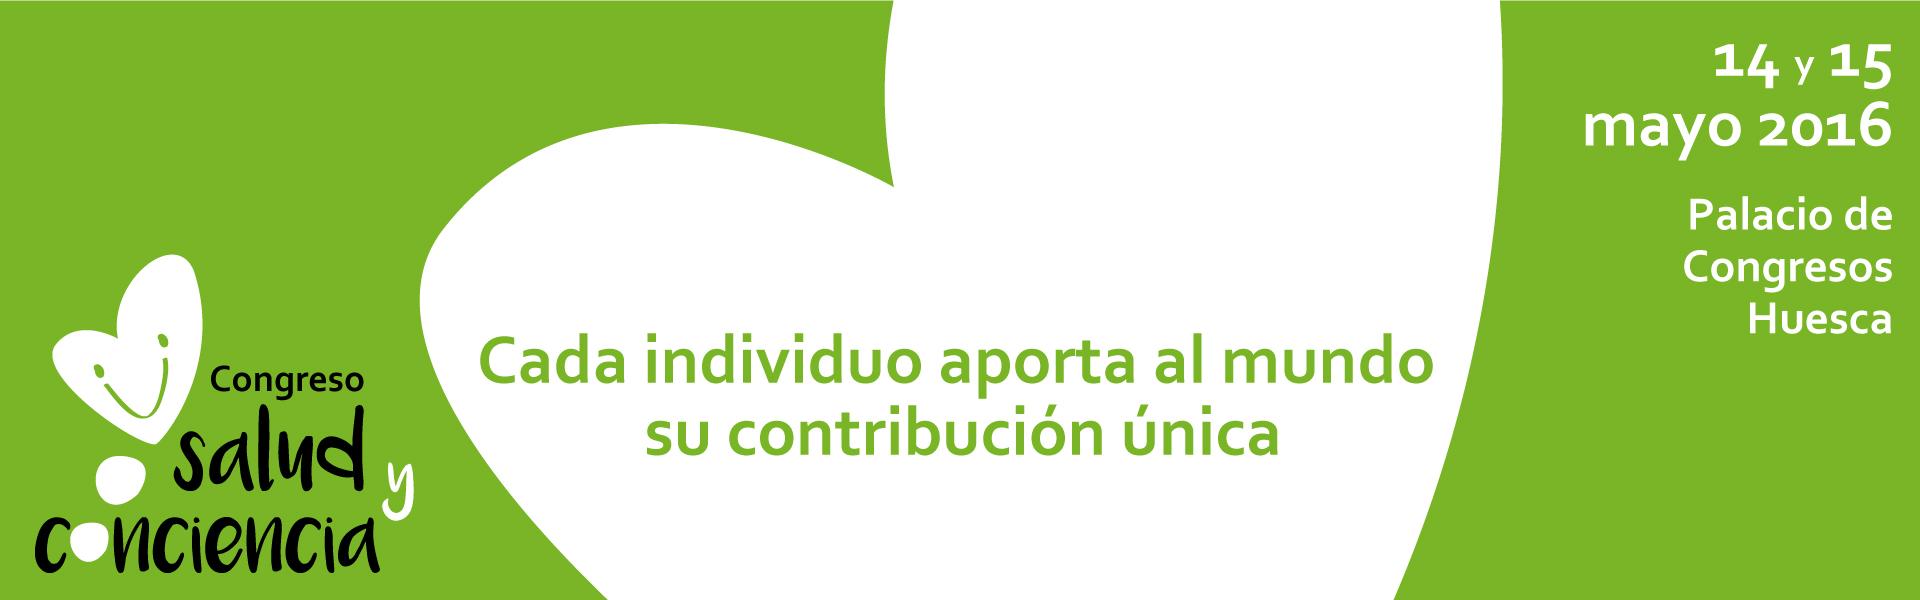 CONGRESO-SALUD-Y-CONCIENCIA-banner-3